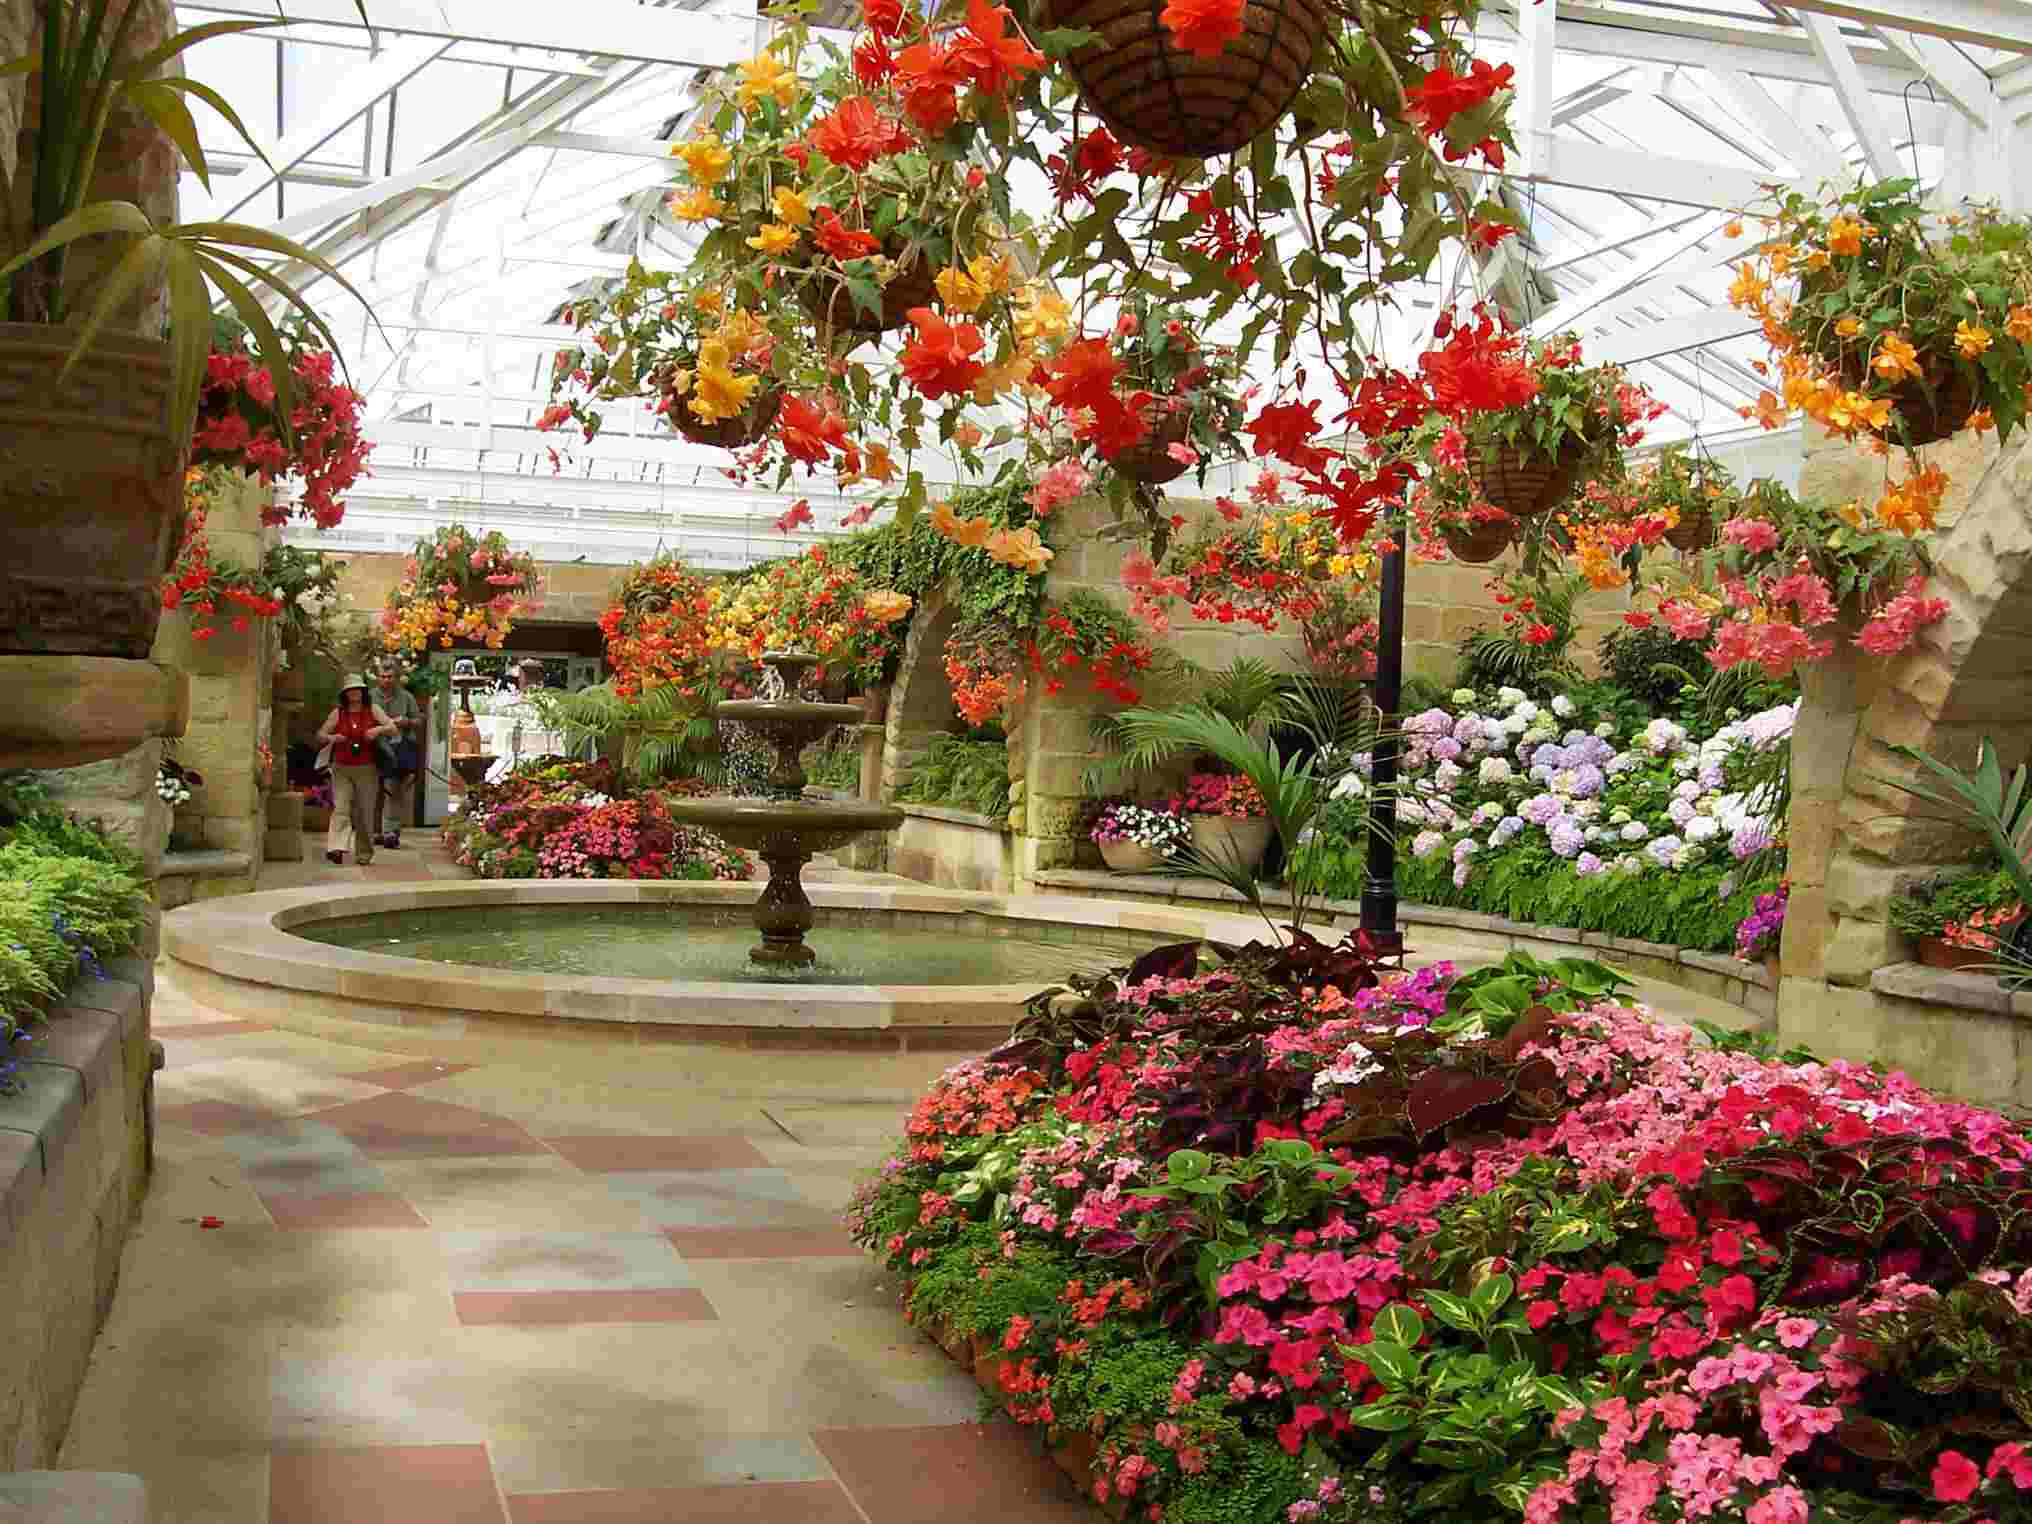 100 mejores fondos de jardines fondos de pantalla for Imagenes de decoracion de jardines